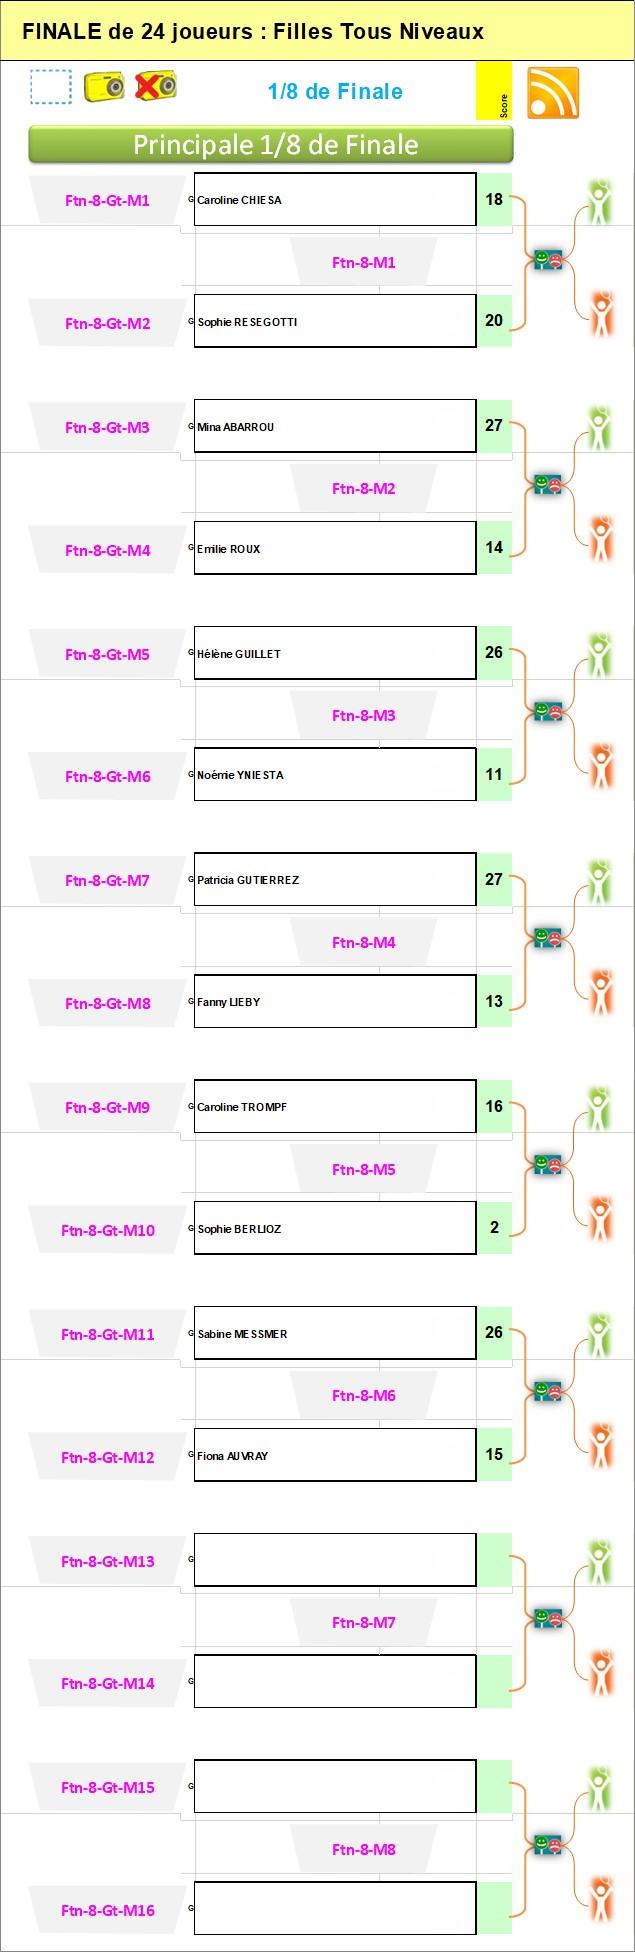 * Si existe : FEMMES - Tableau Principale 8eme   Tous Niveaux : N'est pas disponible...